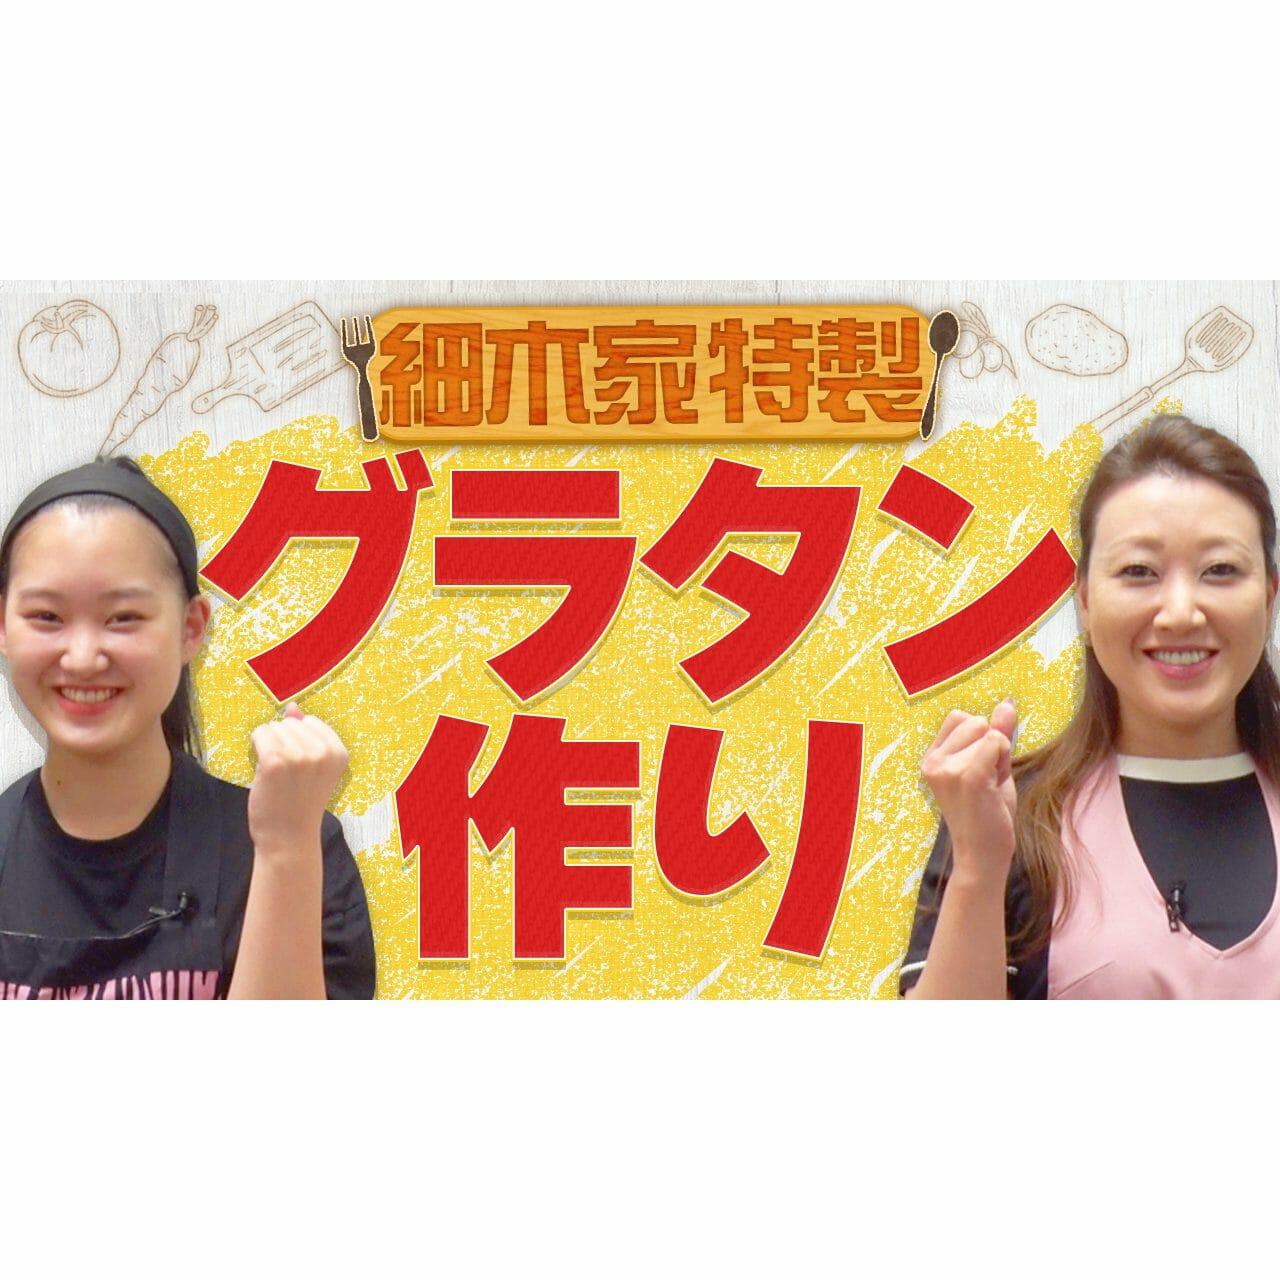 【自宅で料理】娘と一緒にクッキング!第3弾「細木家特製グラタンの作り方をご紹介!」